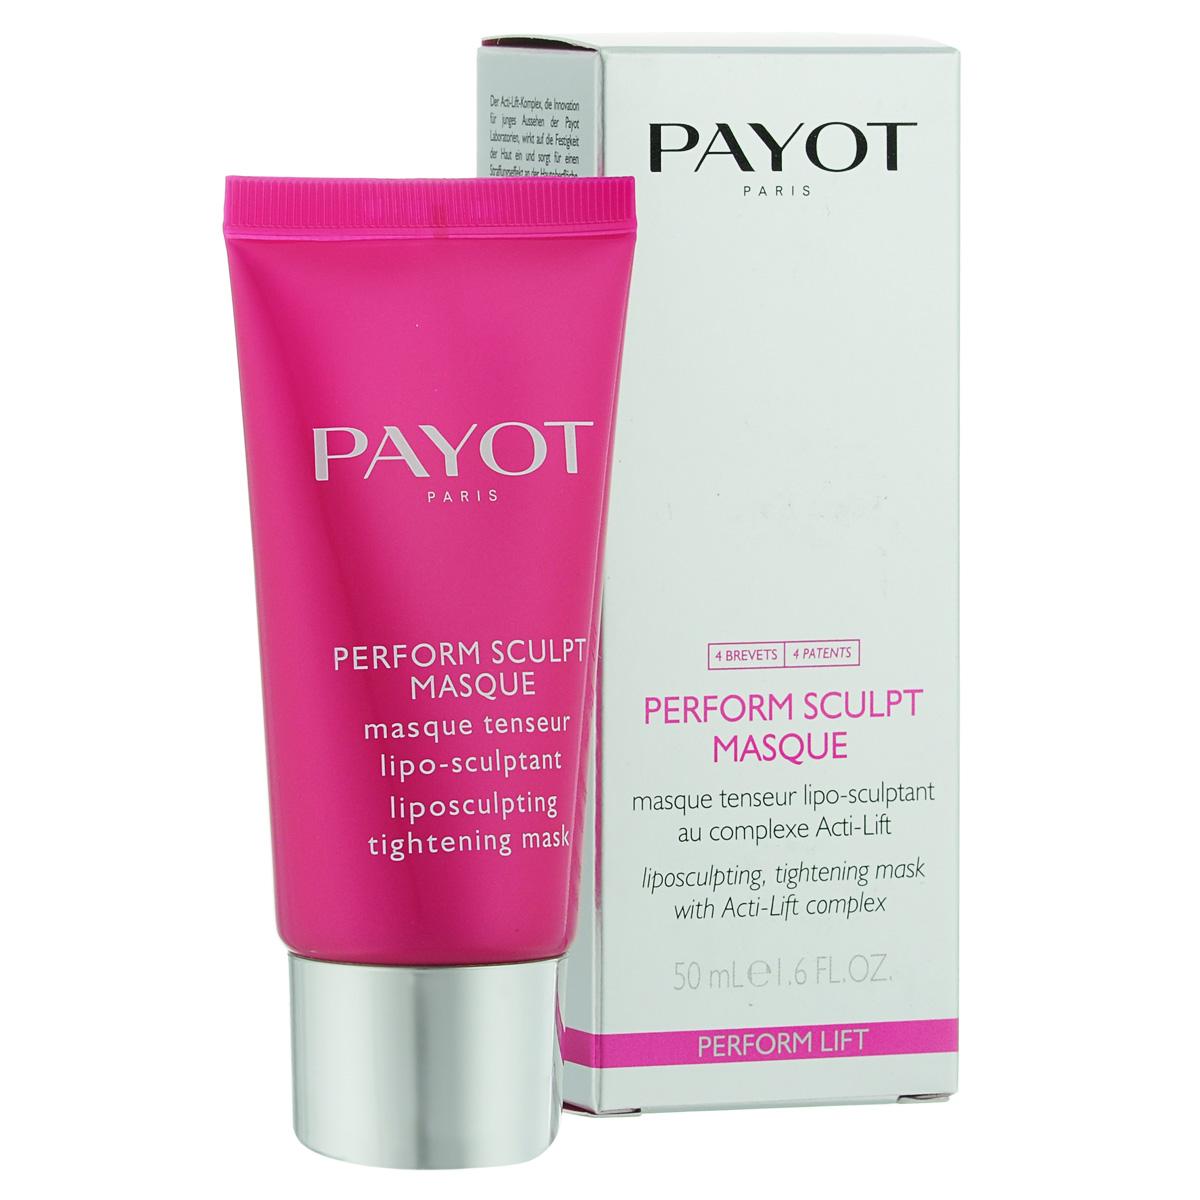 Payot Моделирующая маска Perform Lift для лица с эффектом лифтинга 50 мл65092176подтягивает и разглаживает кожу; снимает напряжение; делает контур лица более четким